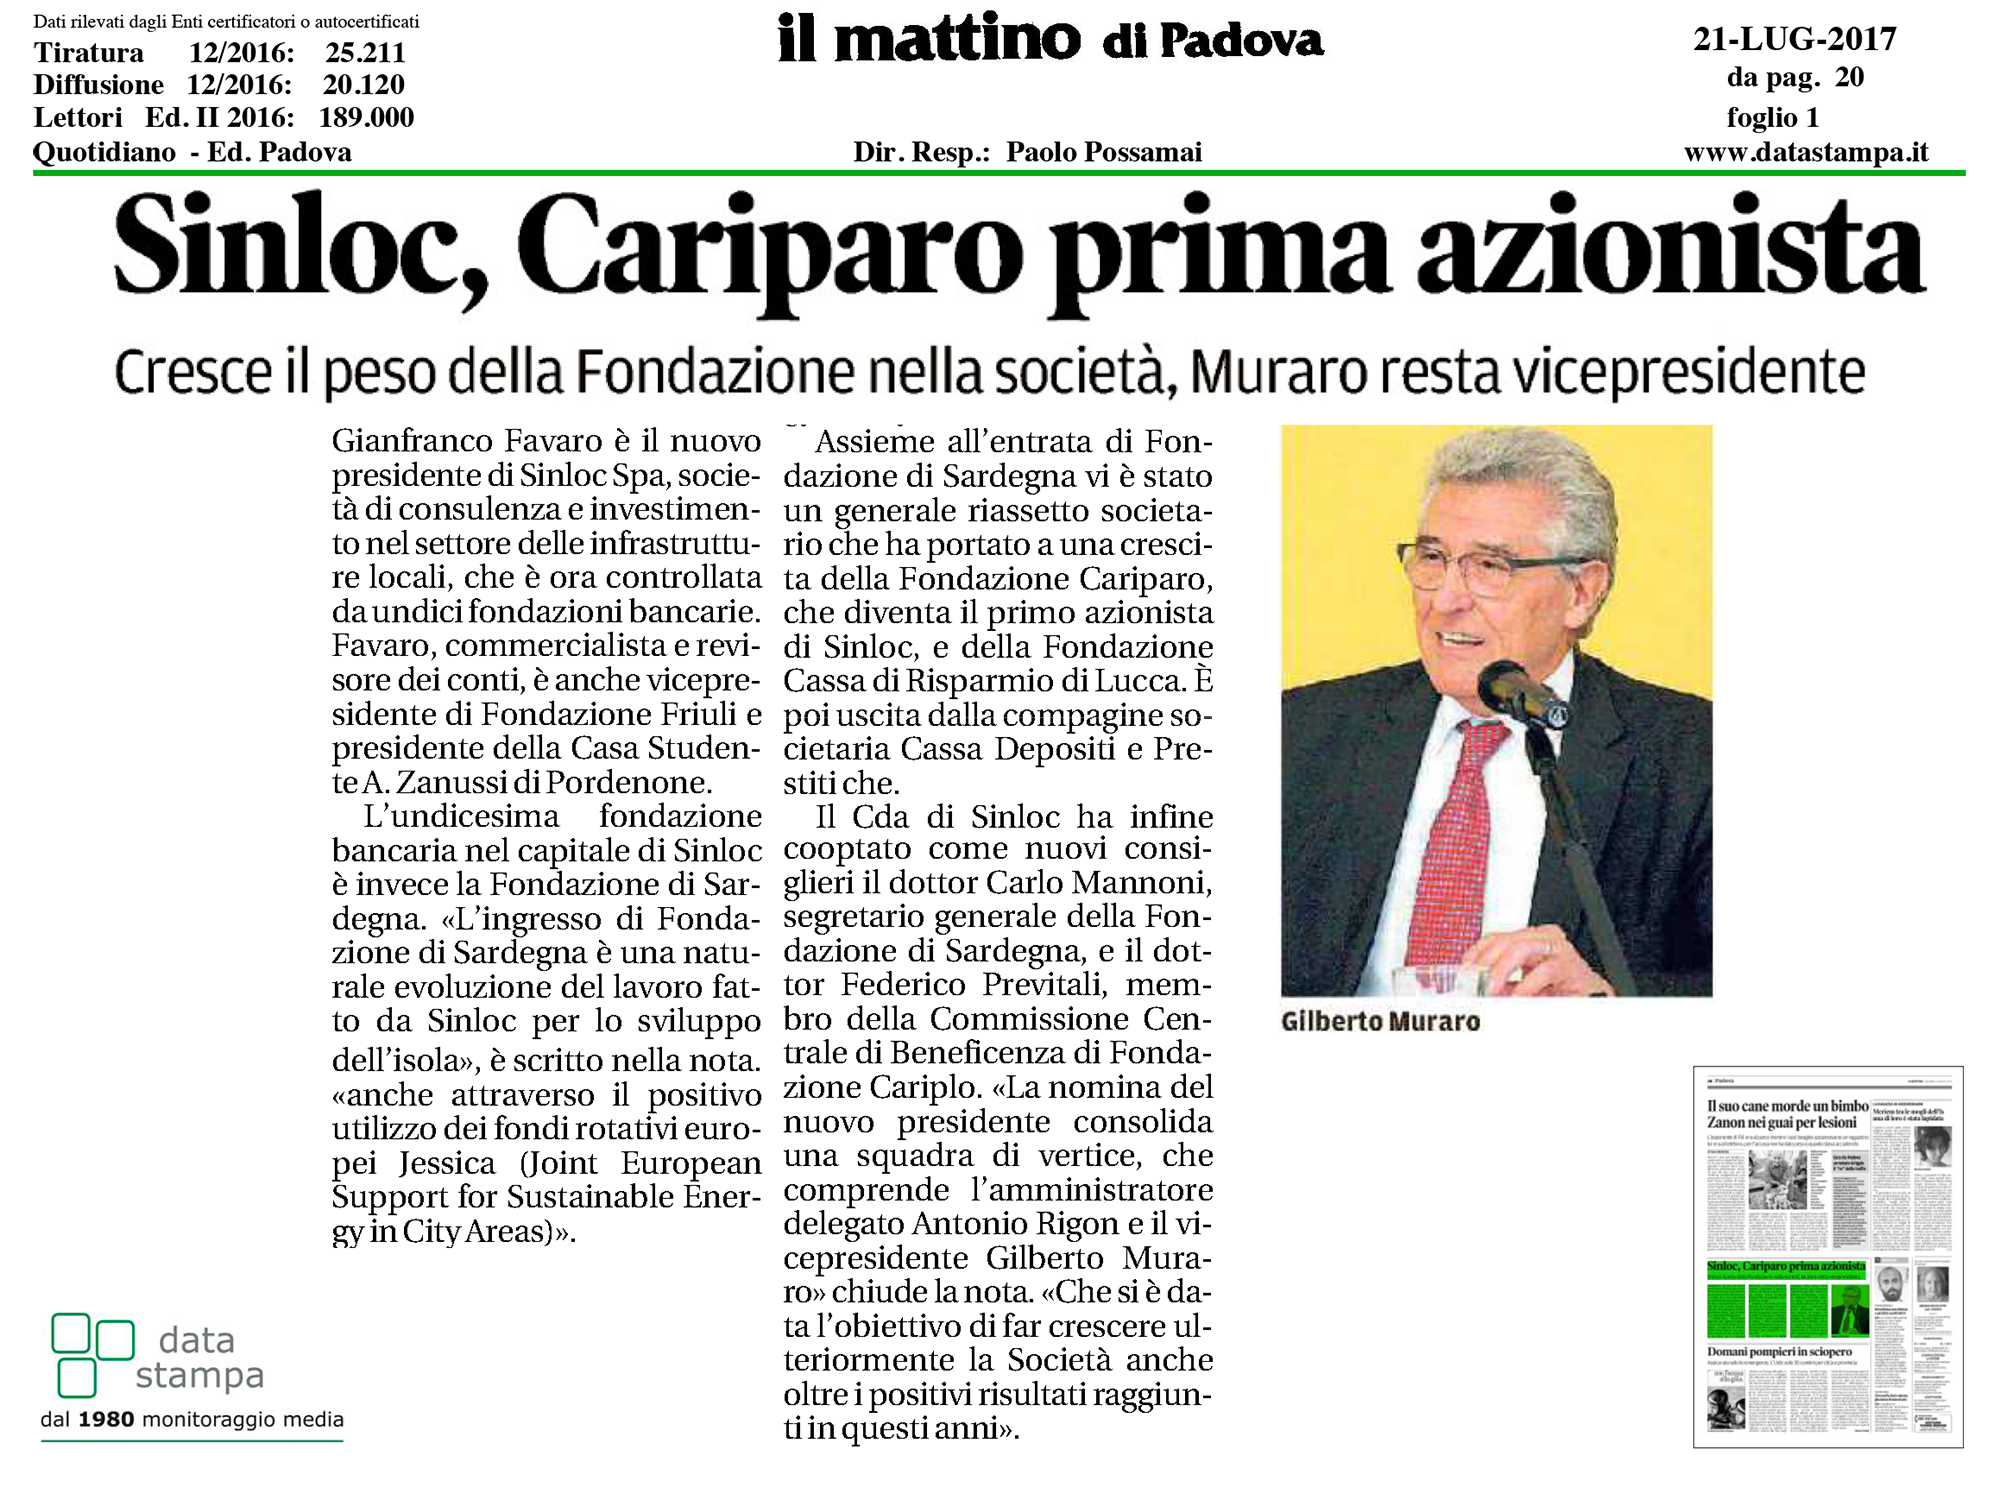 Mattino Cariparo prima azionista